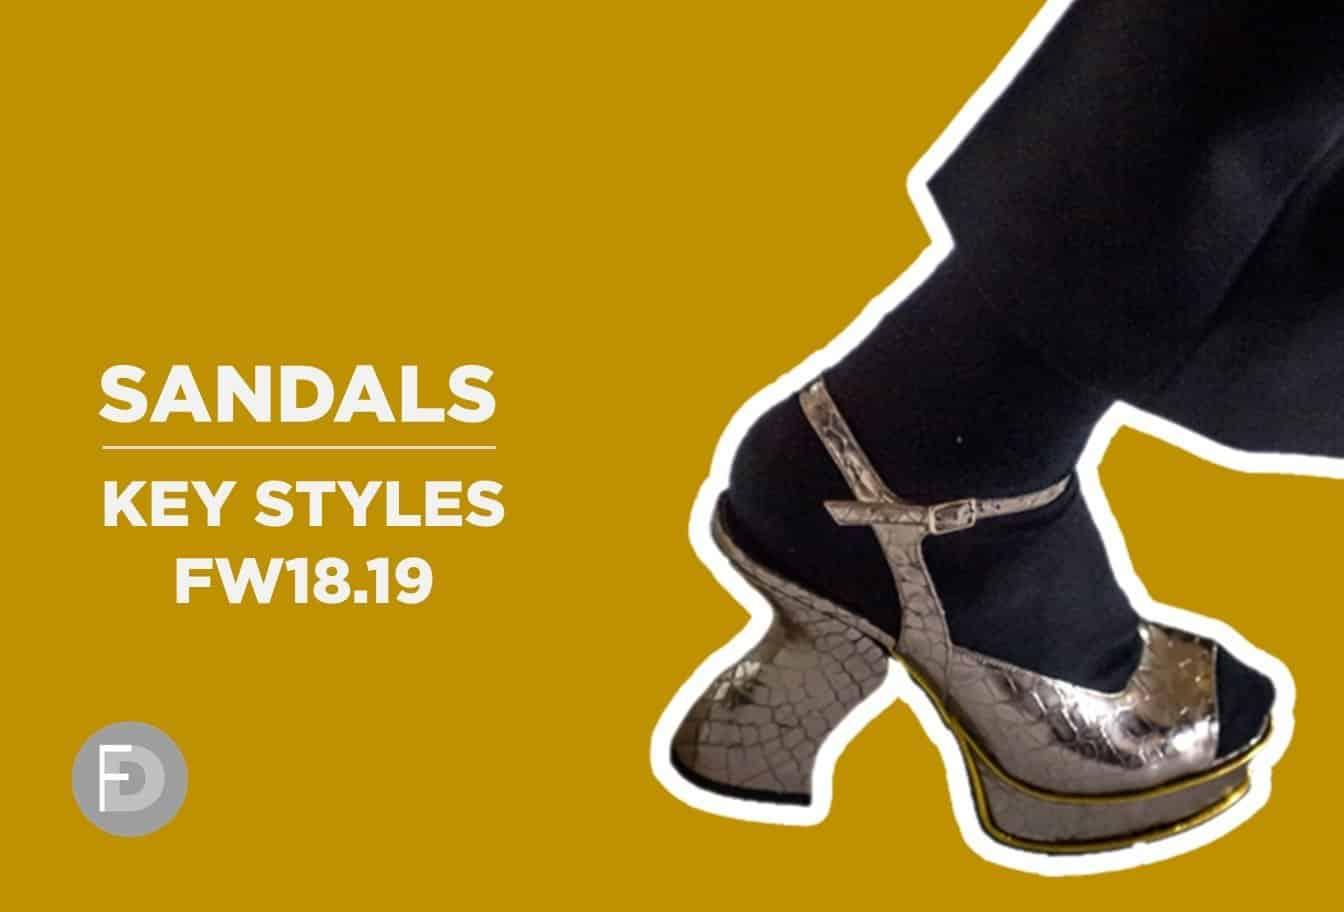 Sandals Key Styles FW18/19